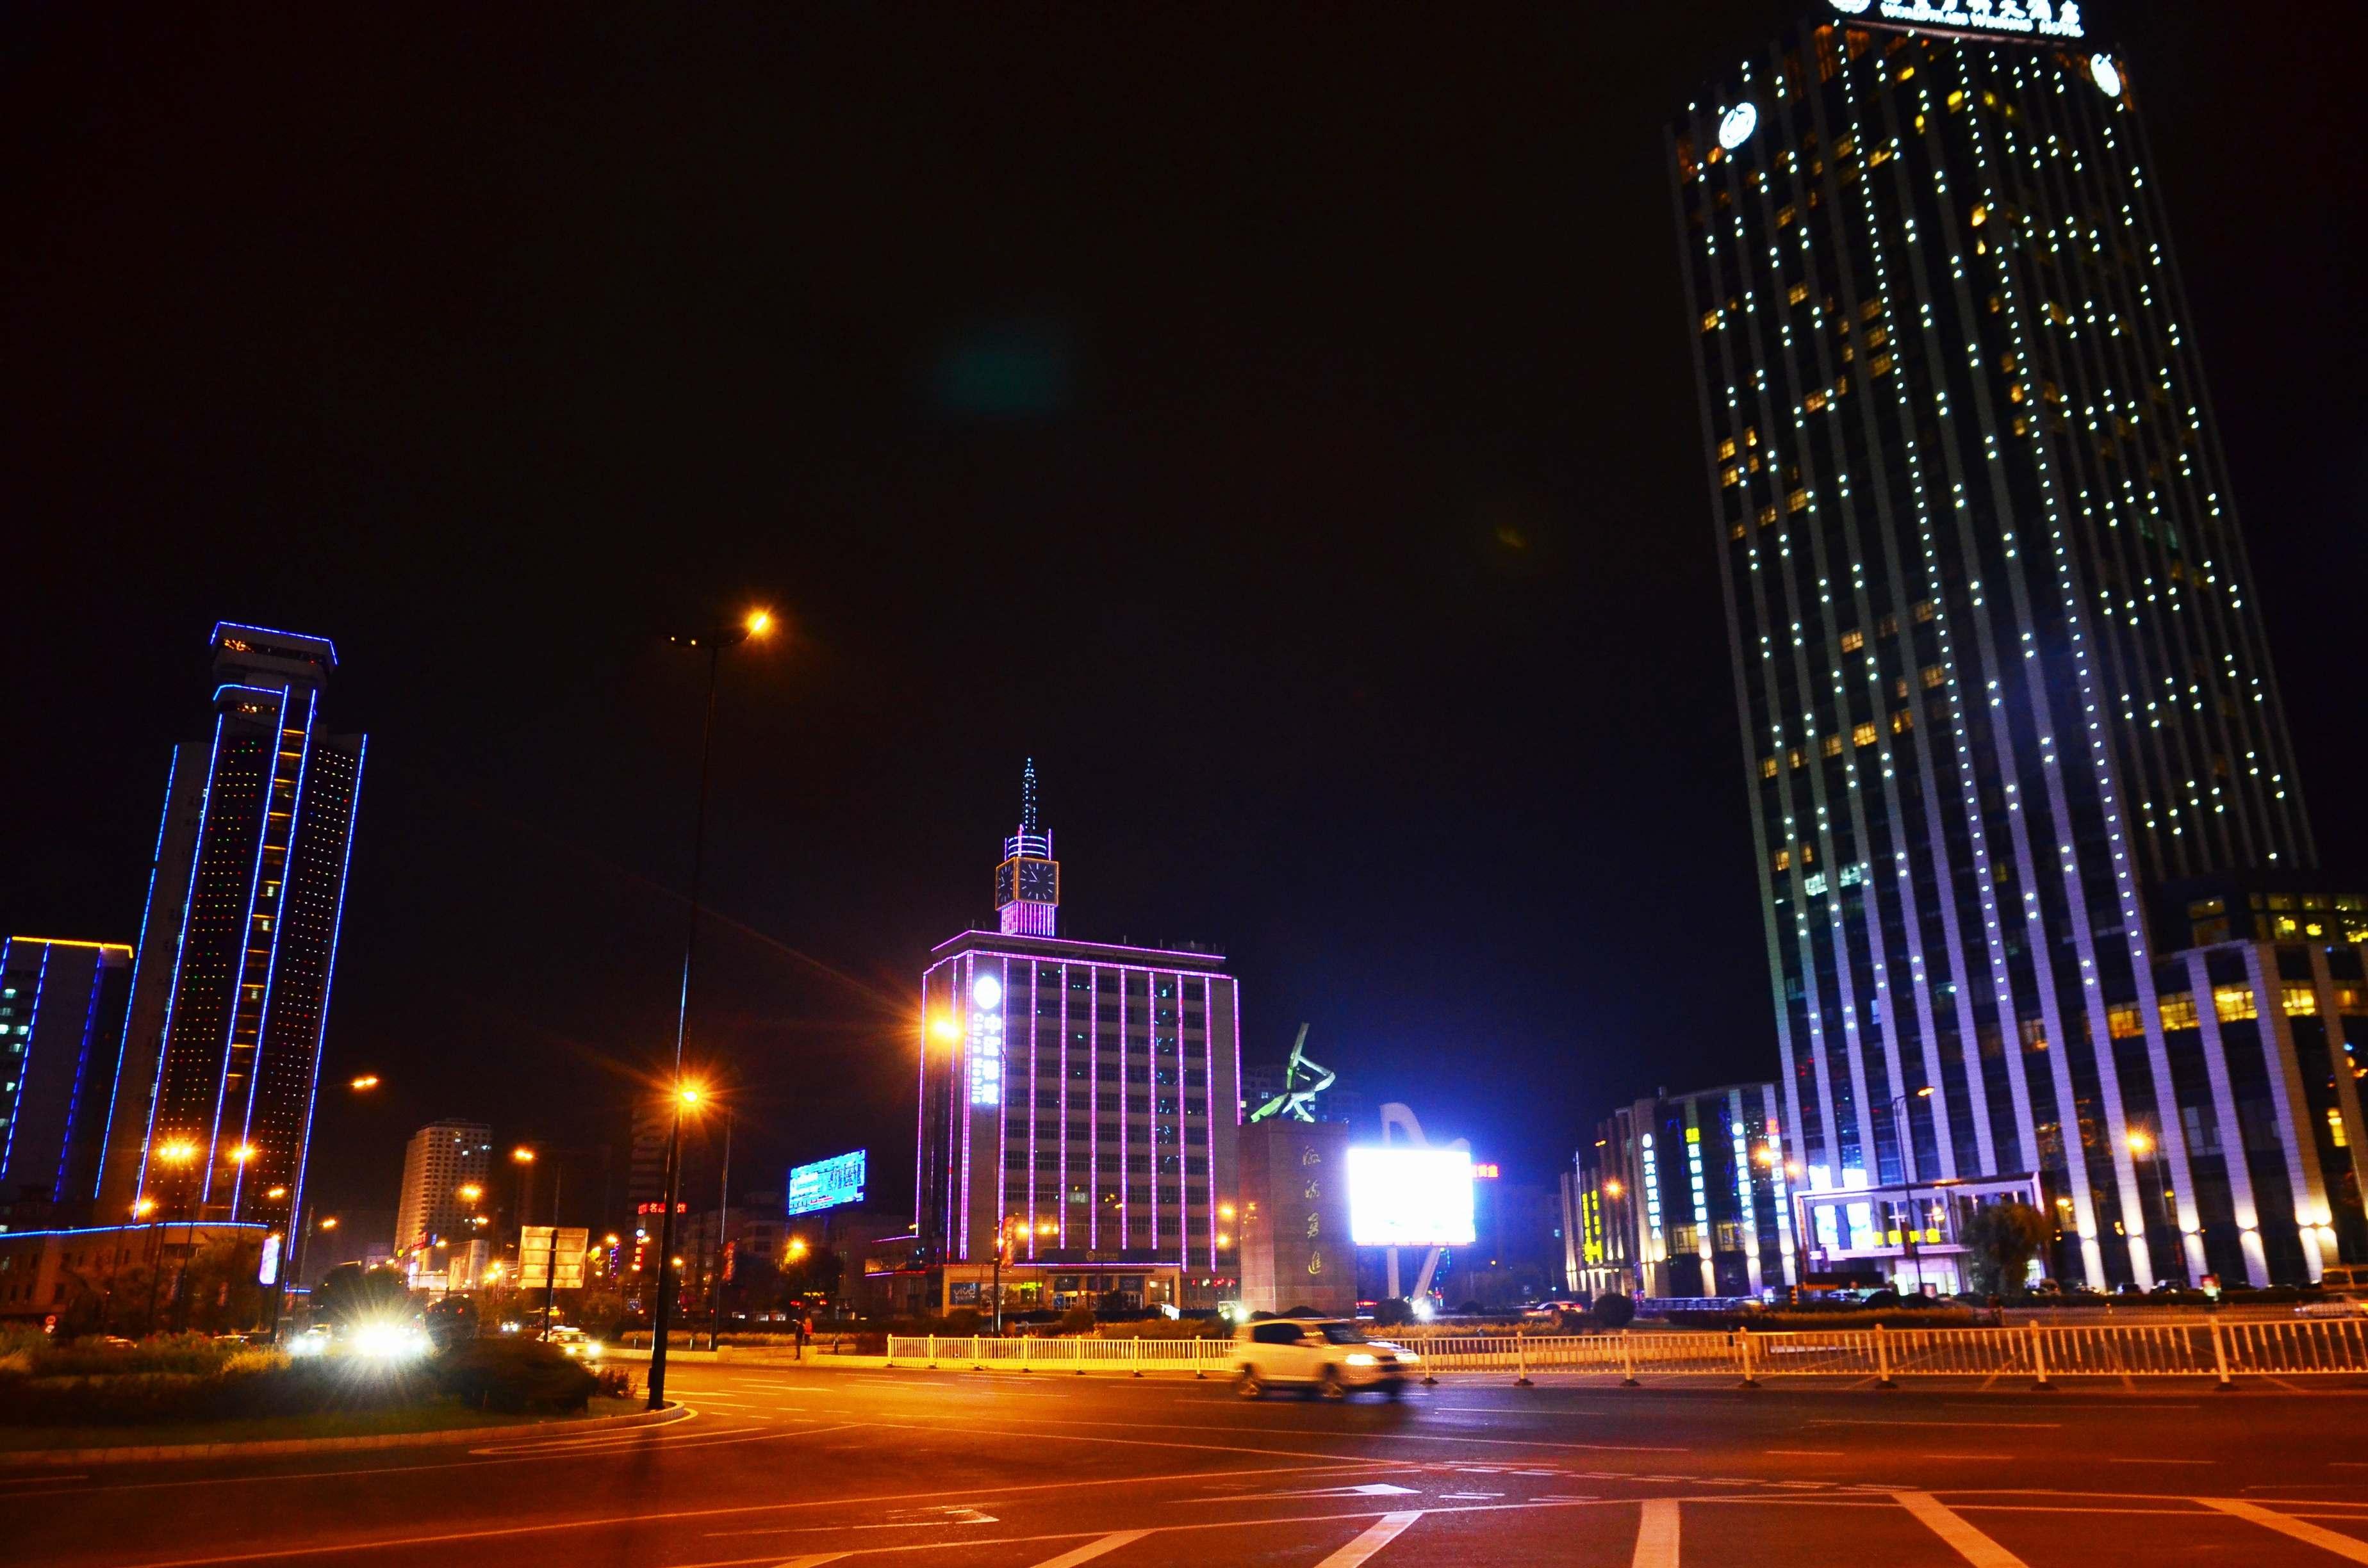 吉林市的标志性广场建筑